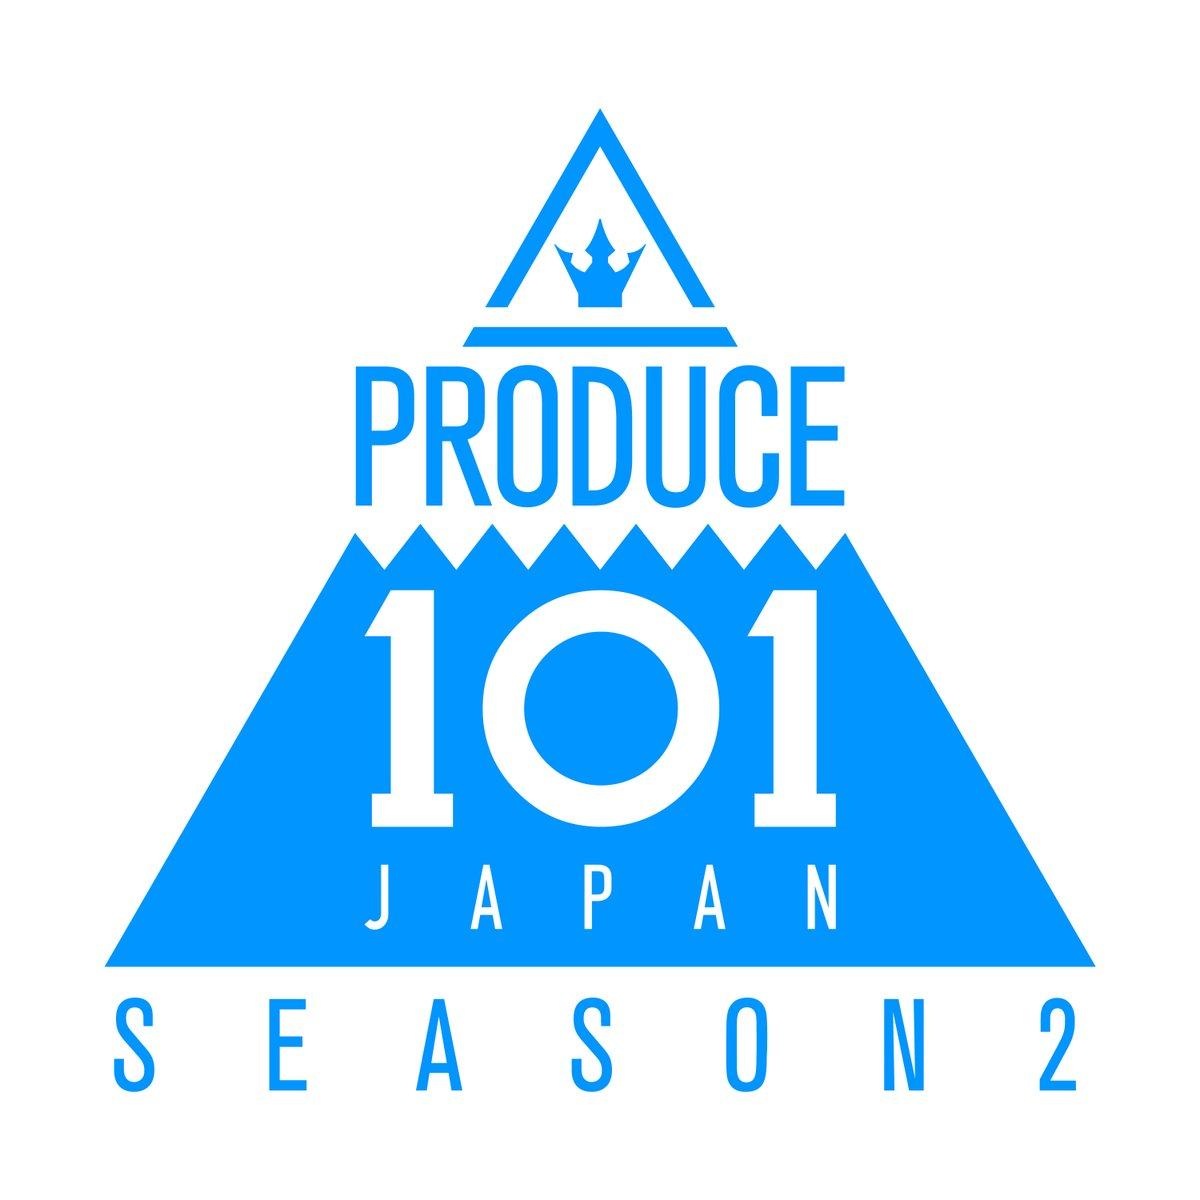 7/21(水)『PRODUCE 101 JAPAN SEASON2』リリースを記念して、入荷日7/20(火)よりタワーレコード渋谷店でのスペシャル企画が決定いたしました   1⃣渋谷店限定2SHOTフライヤー企画  2⃣大型パネル展  スペシャル企画の詳細は▶towershibuya.jp/news/2021/07/1…  #日プ2 #PRODUCE101JAPAN2  #INI #タワ渋kpop